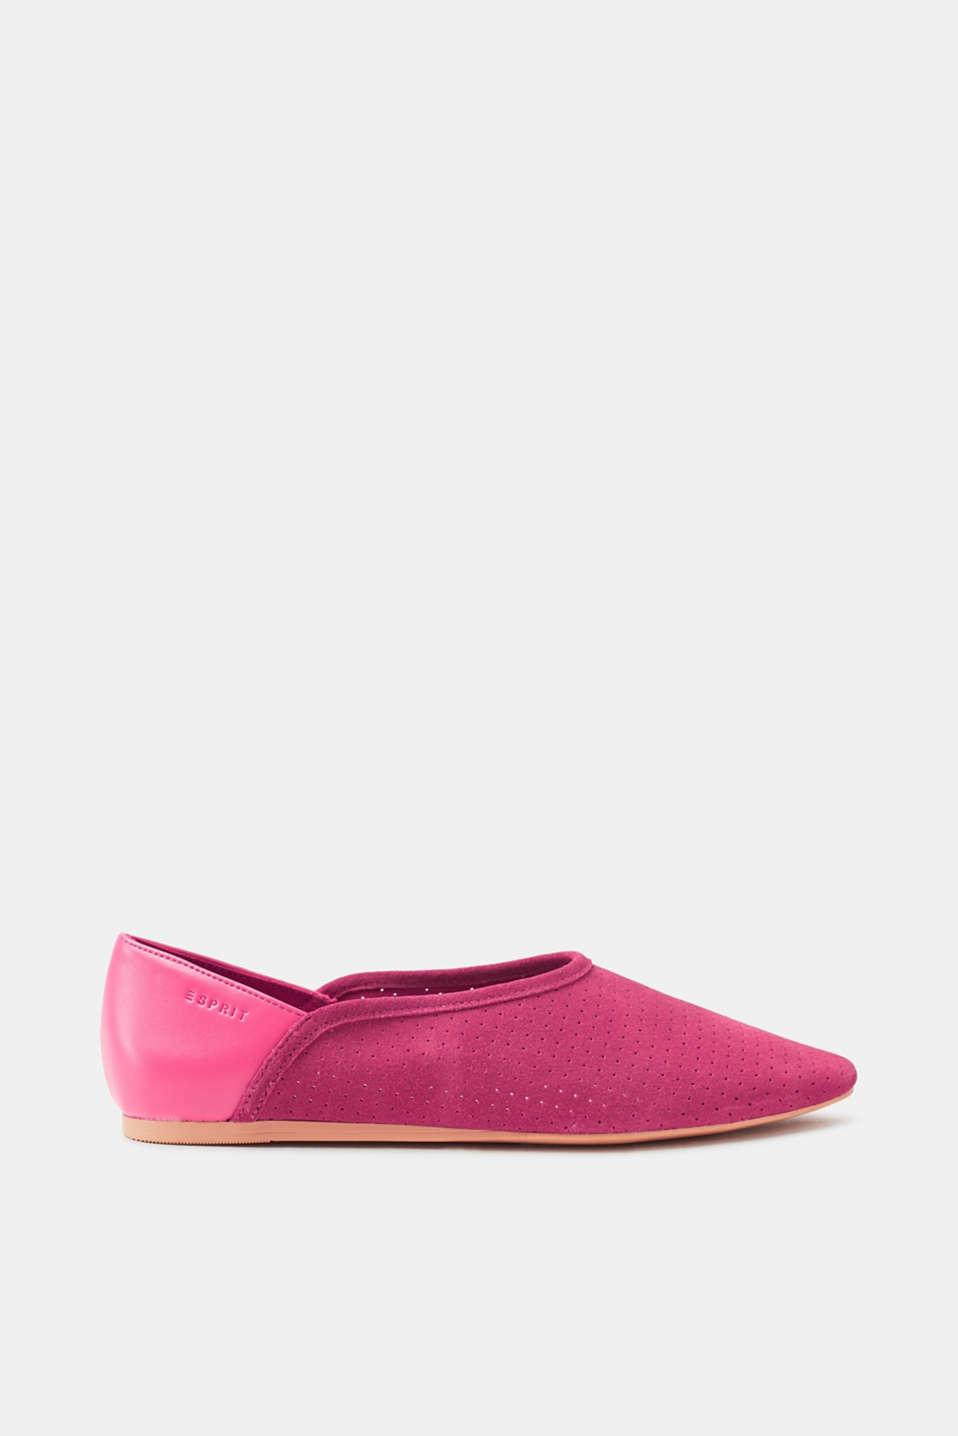 Esprit Flatform-Sneaker aus Veloursleder für Damen, Größe 36, Pink Fuchsia